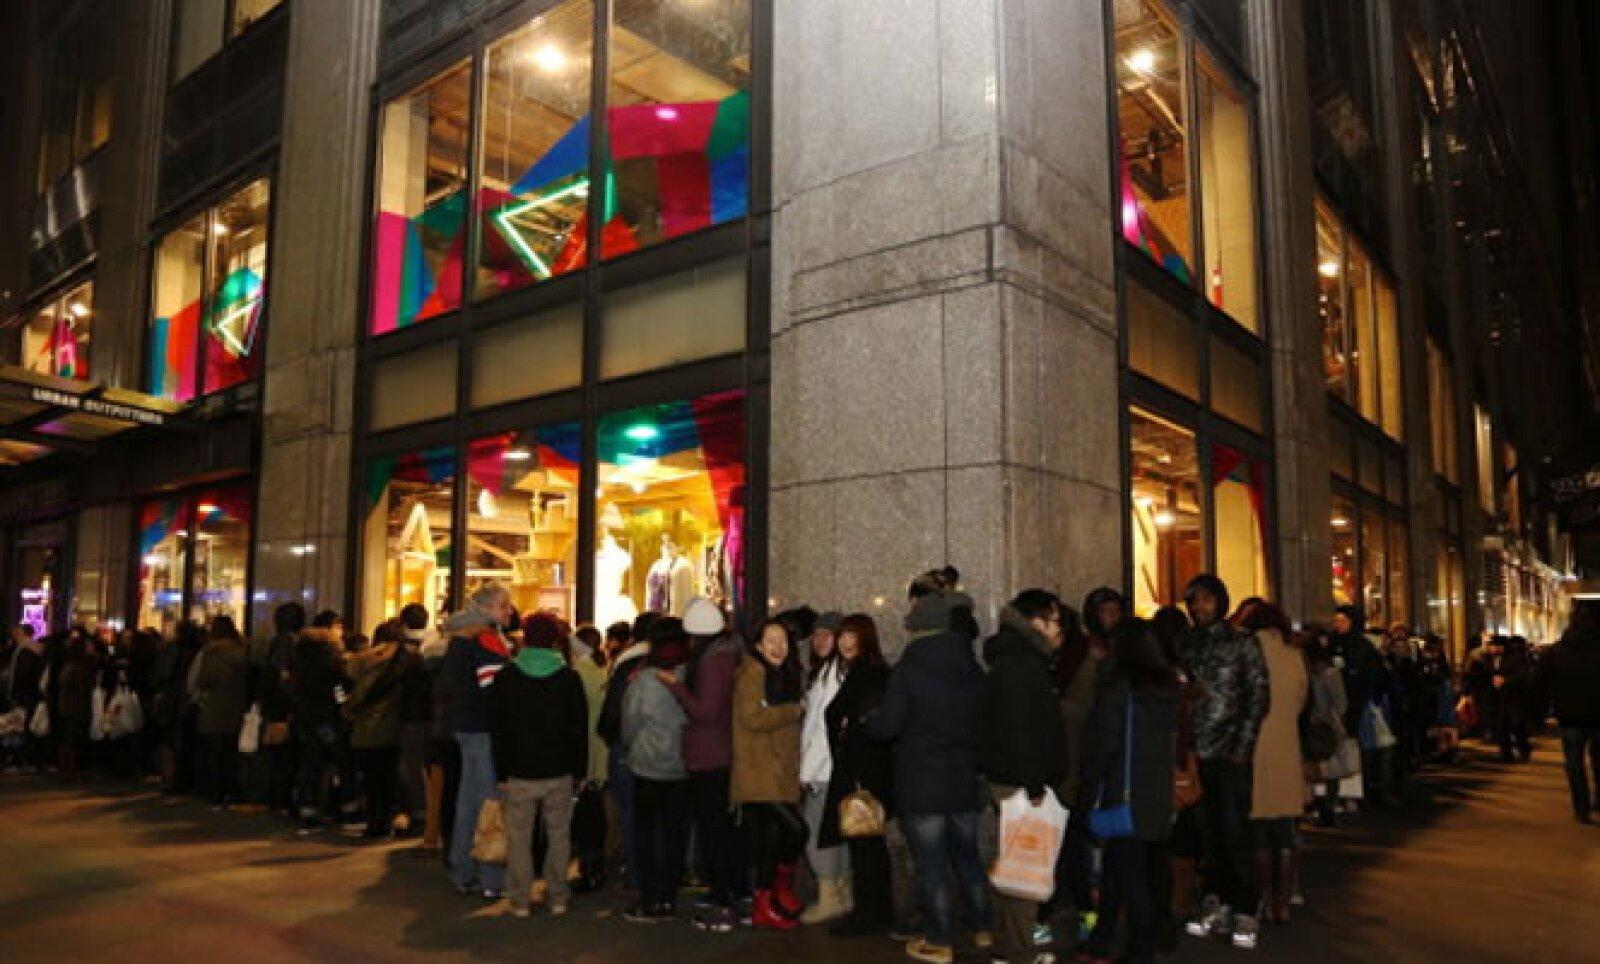 En Nueva York, una fila de asistentes esperan que se abran las puertas luego del 70% de descuento anunciado en la tienda.